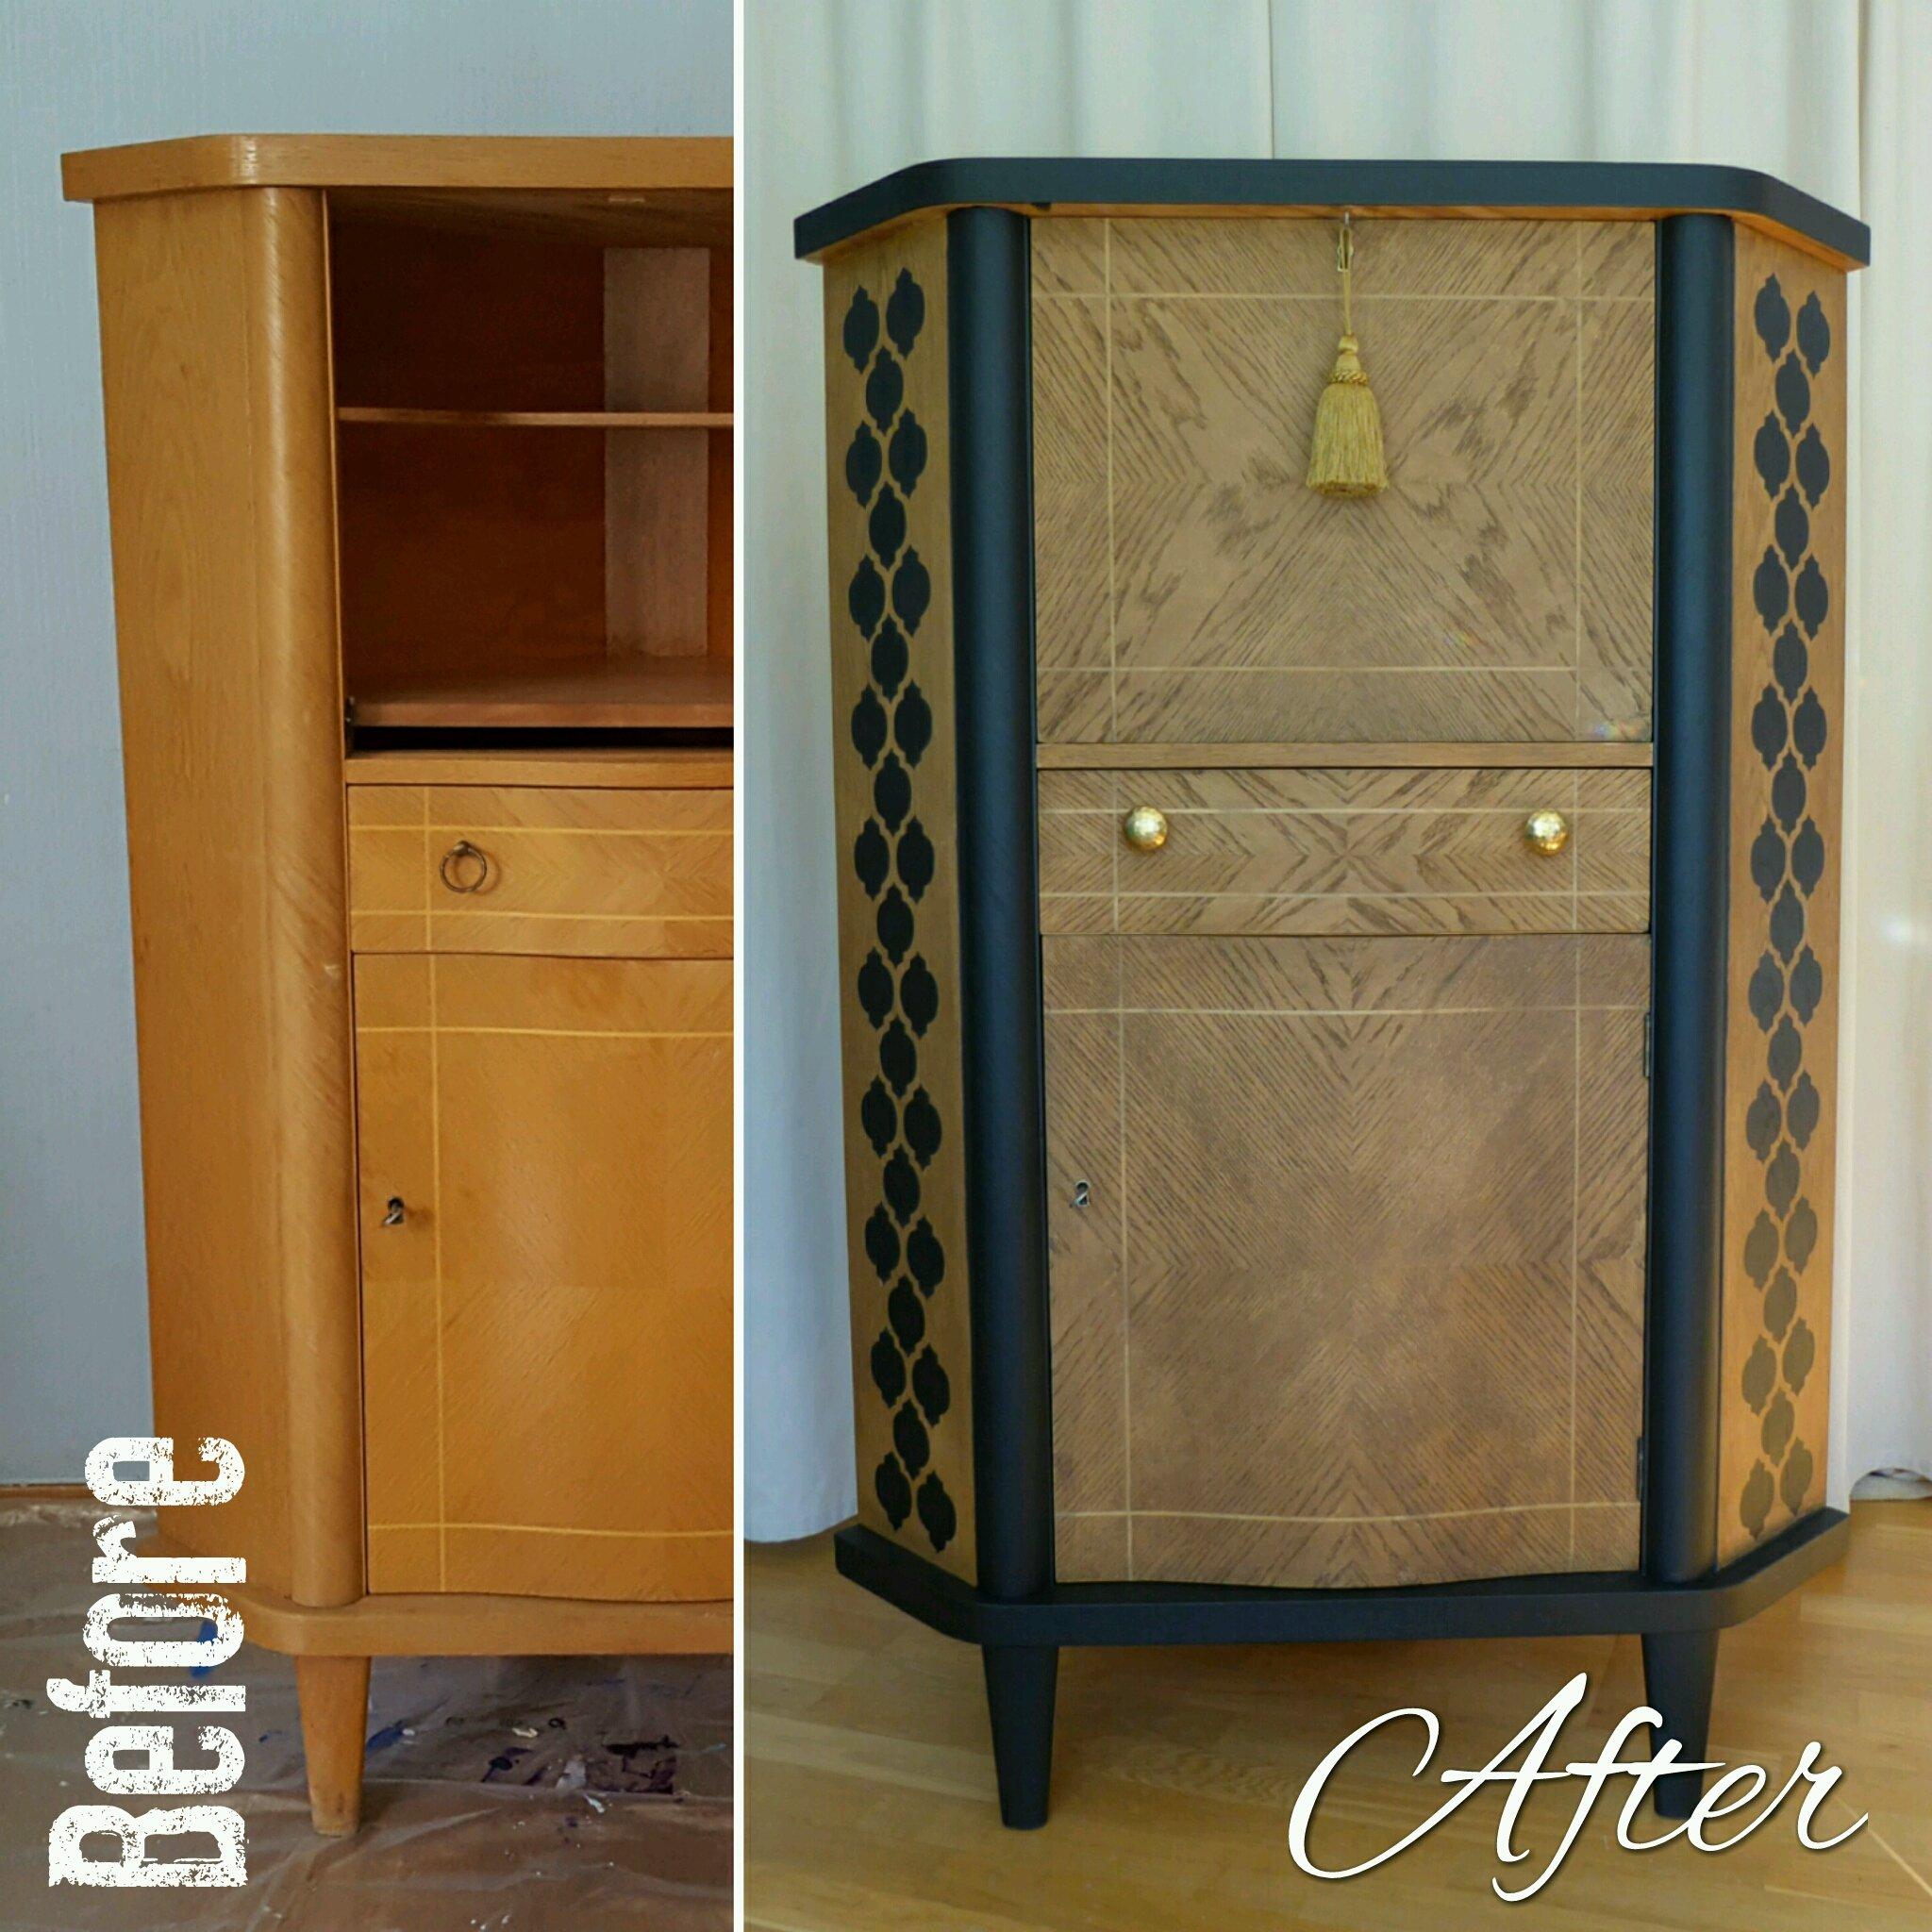 Oaken Cabinet